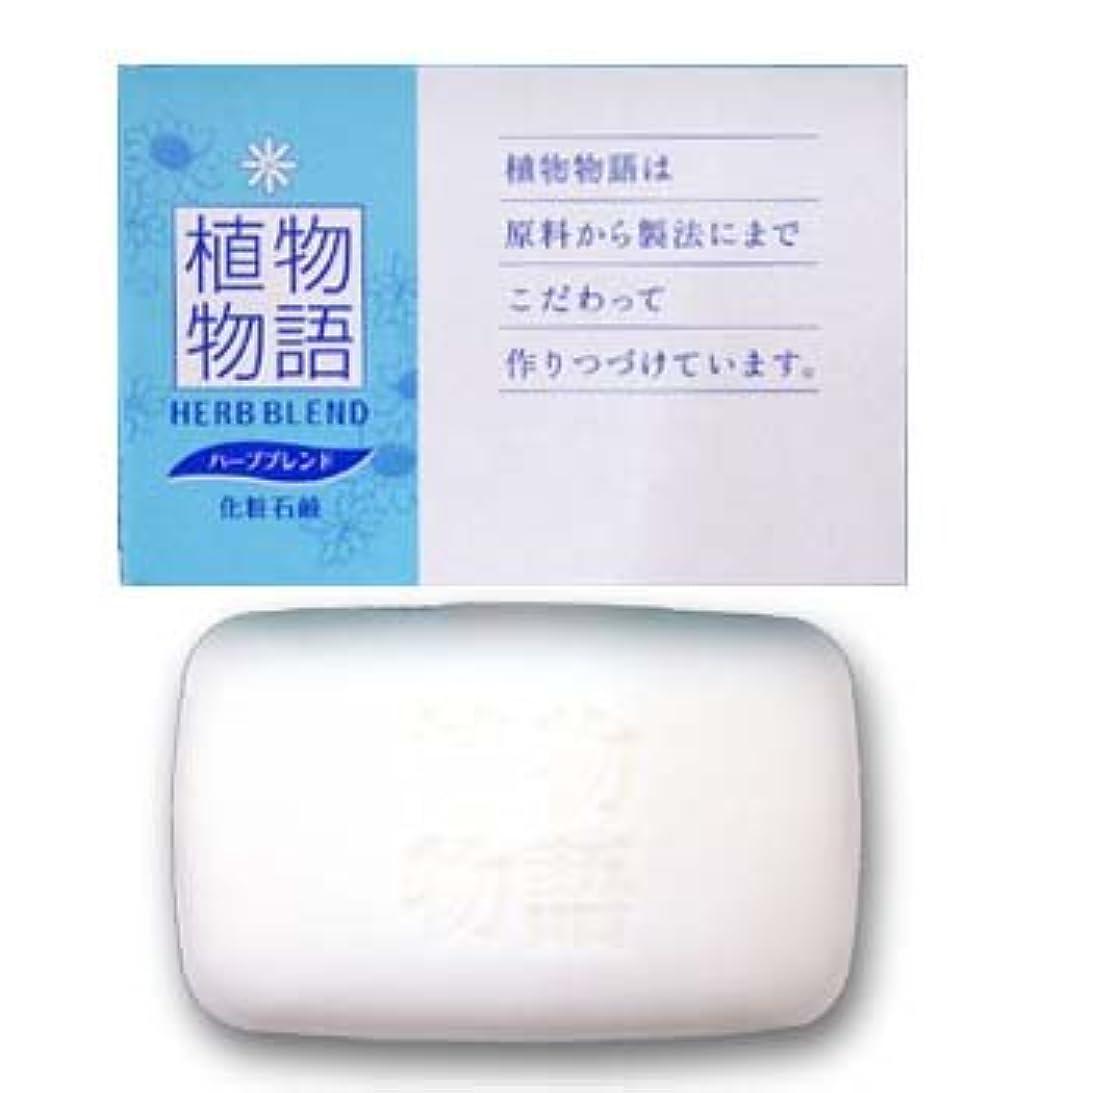 宇宙格納ハムLION 植物物語石鹸80g化粧箱入(1セット100個入)